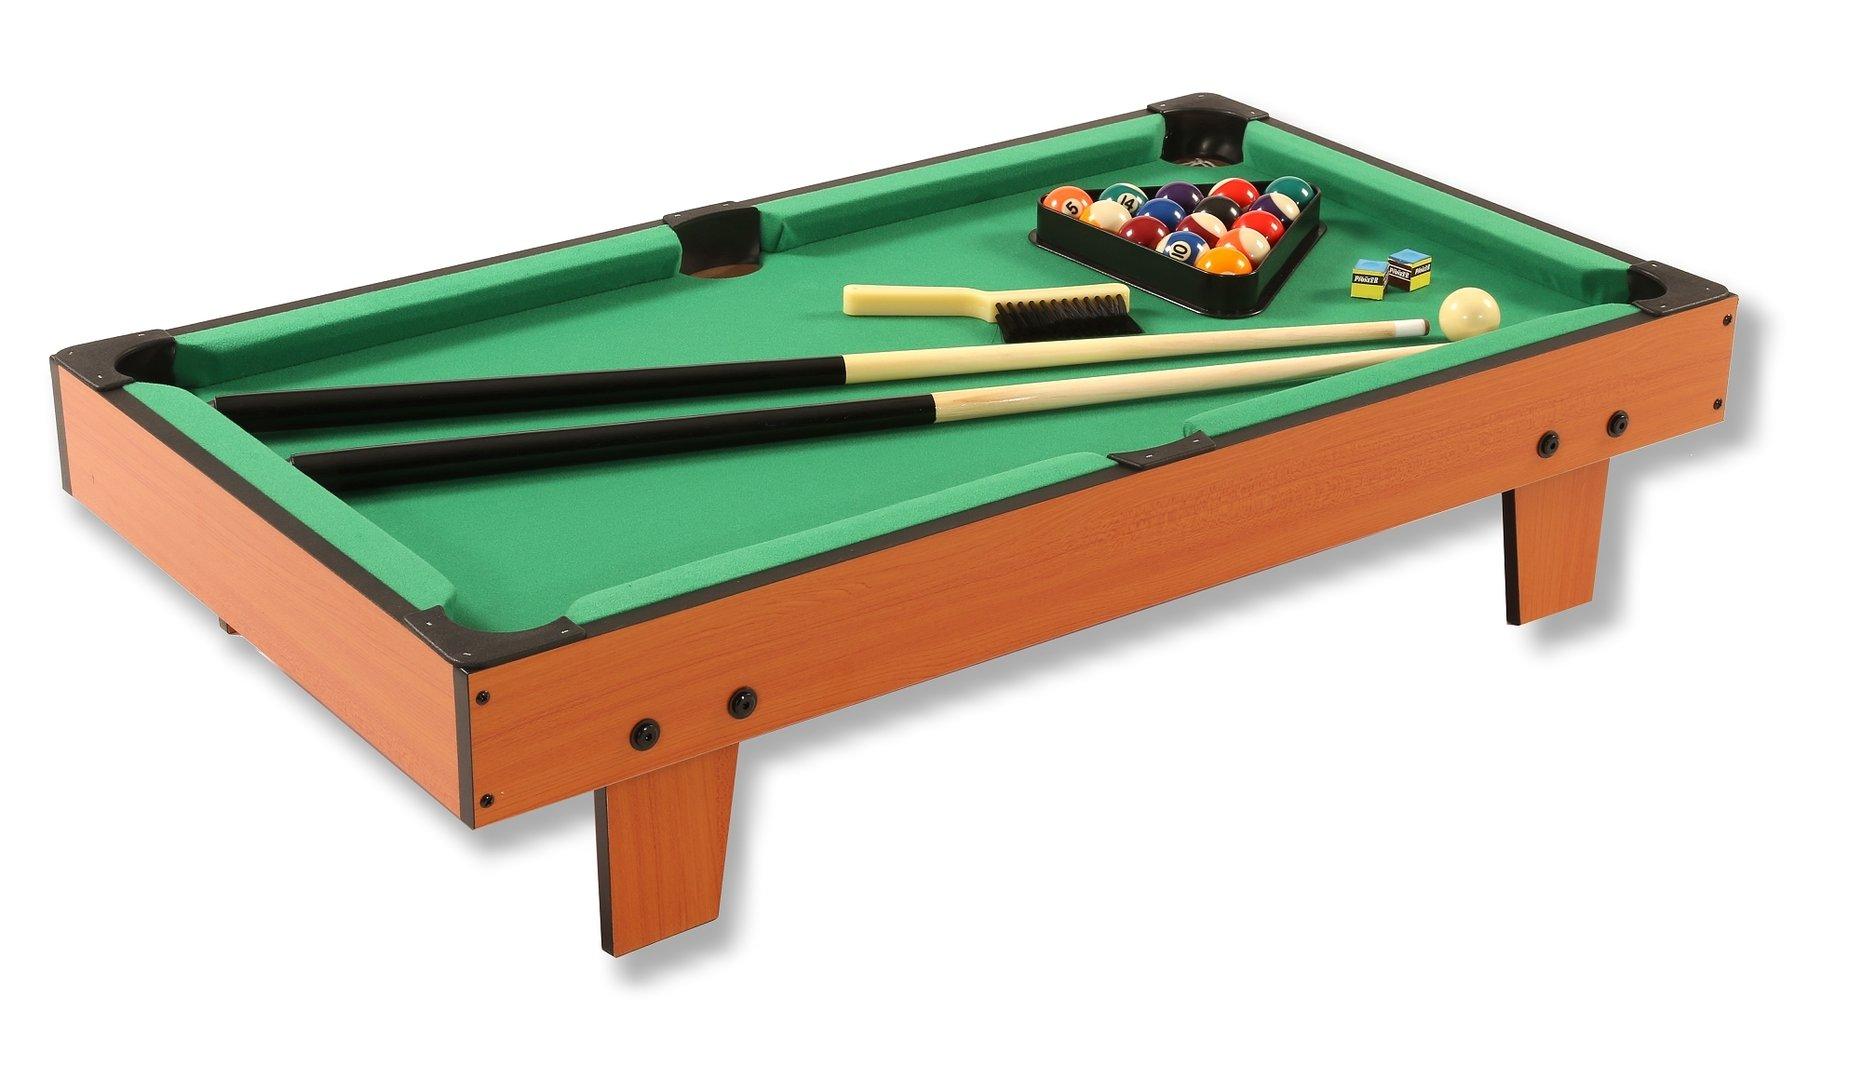 Full Size of Mini Pool Kaufen Bandito Billiard Table Top Online Kickerkult Onlineshop Garten Einbauküche Günstig Sofa Bad Gebrauchte Küche Ikea Miniküche Minion Bett Wohnzimmer Mini Pool Kaufen